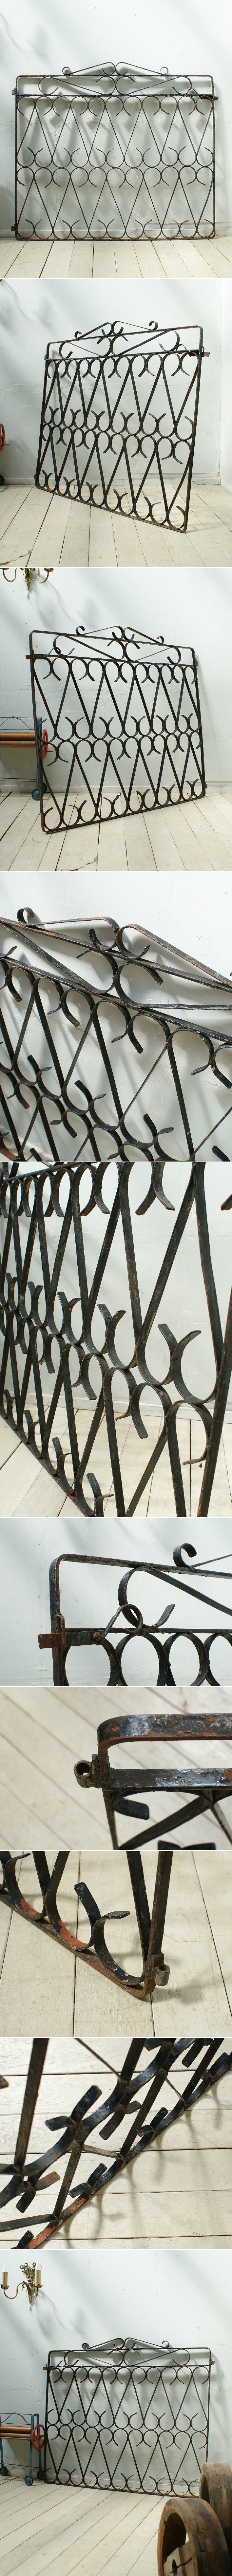 イギリスアンティーク アイアンフェンス ゲート柵 ガーデニング 3055